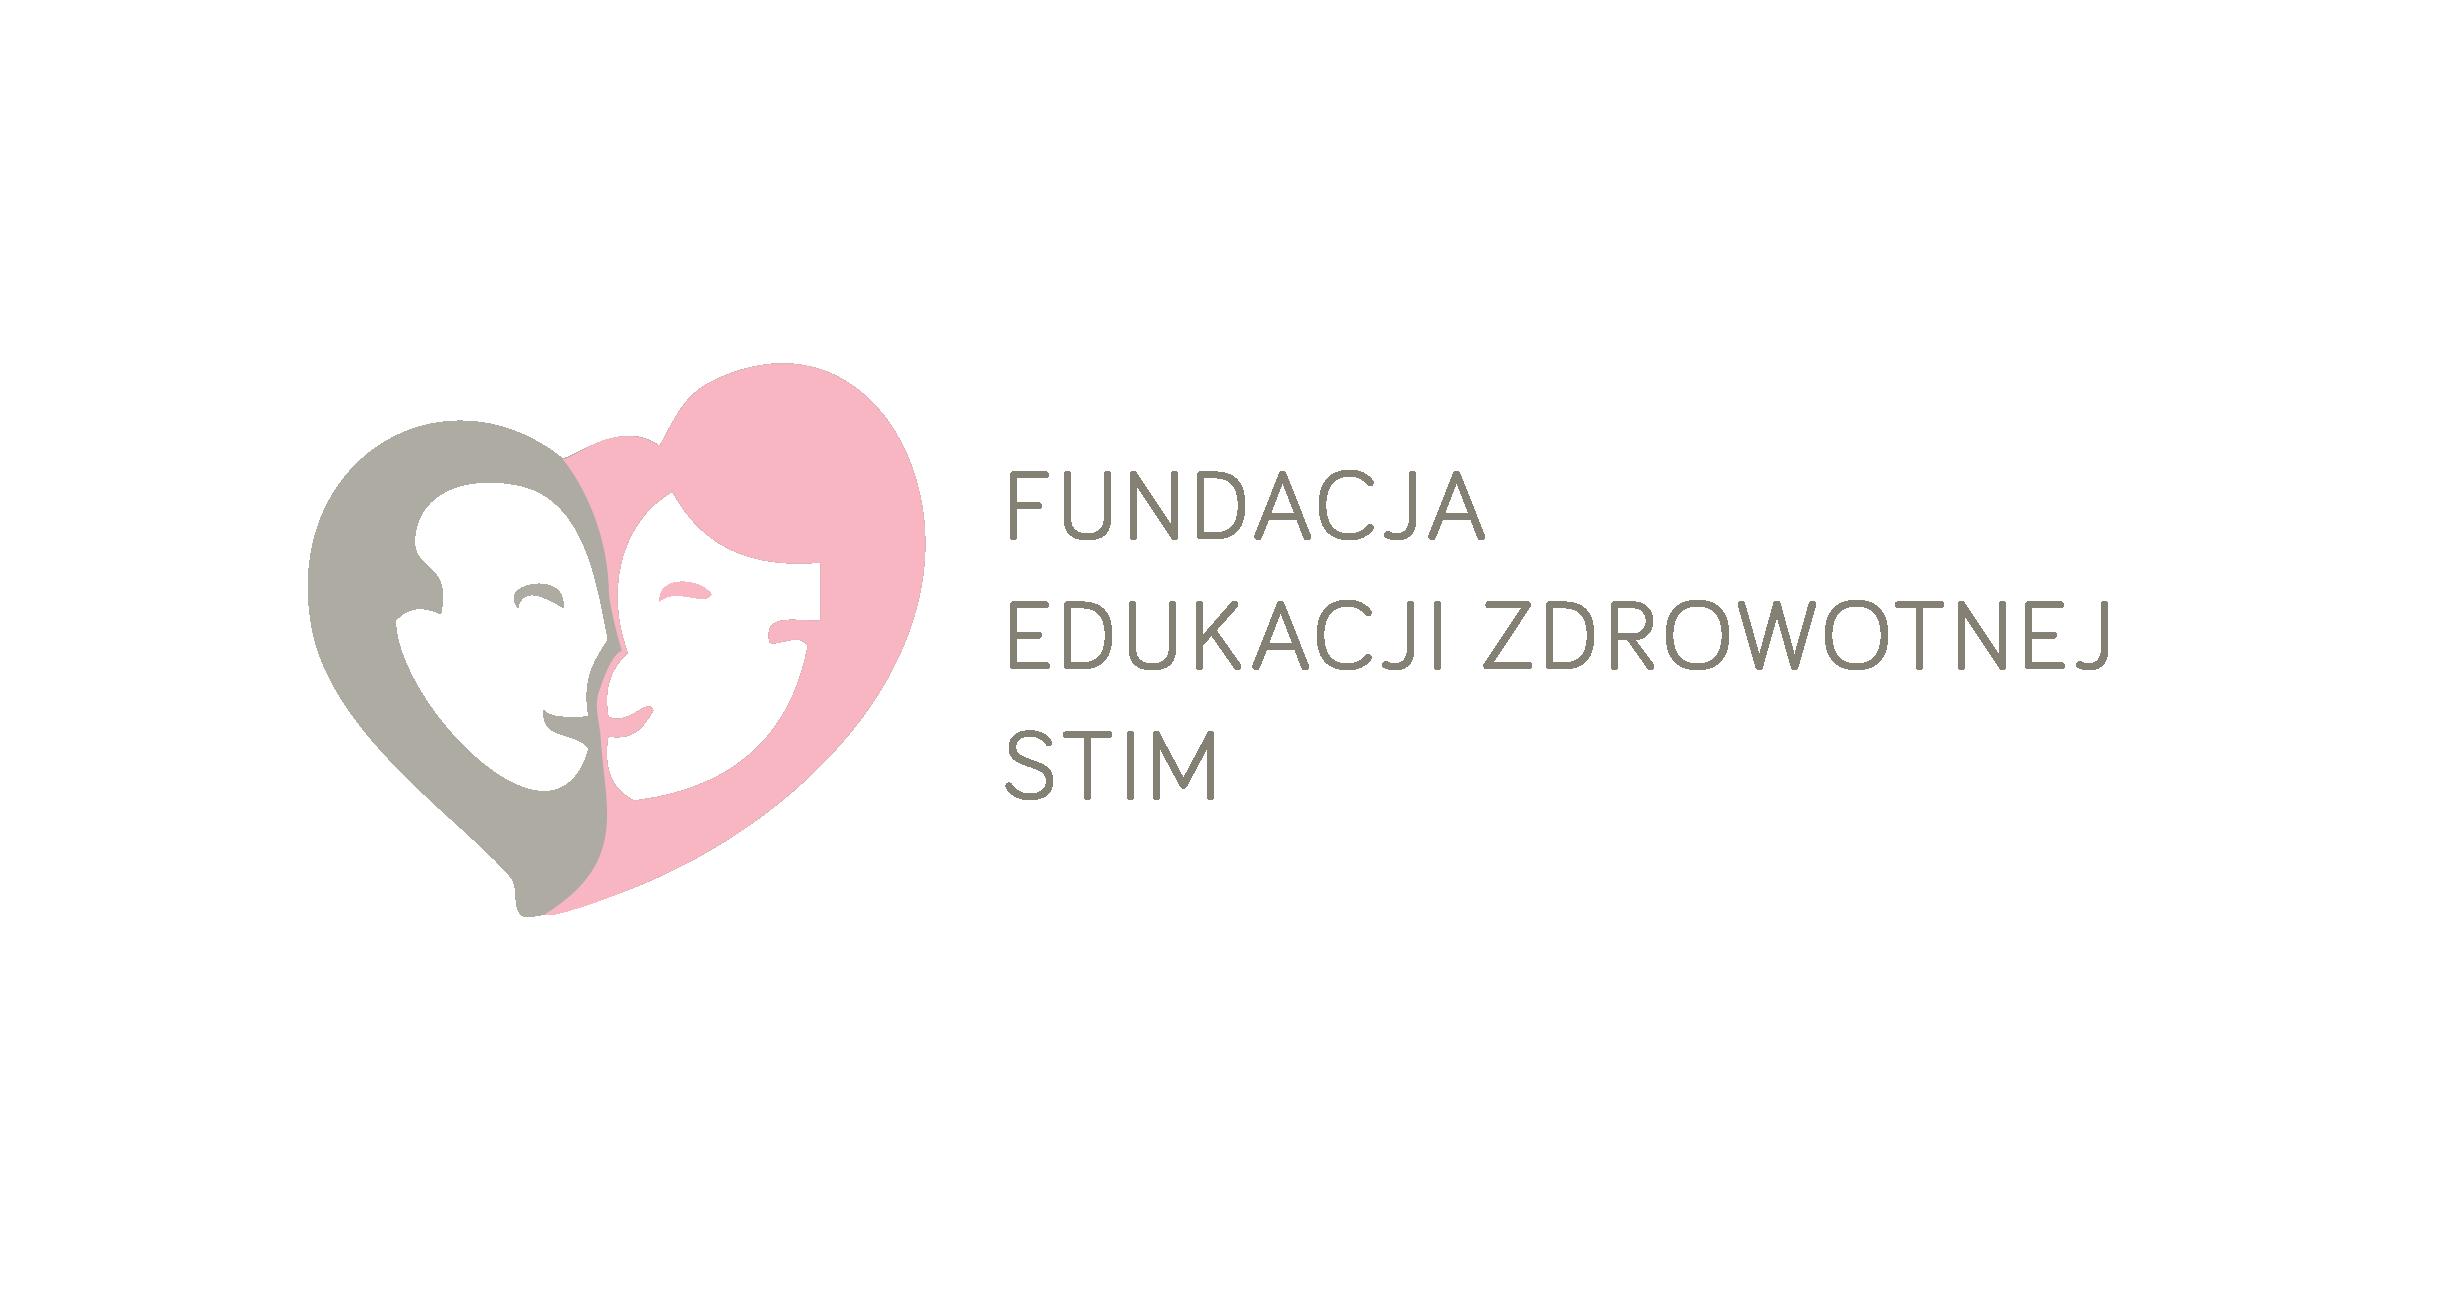 edu-seks-logoOK-02 (1) (1) kopia.png